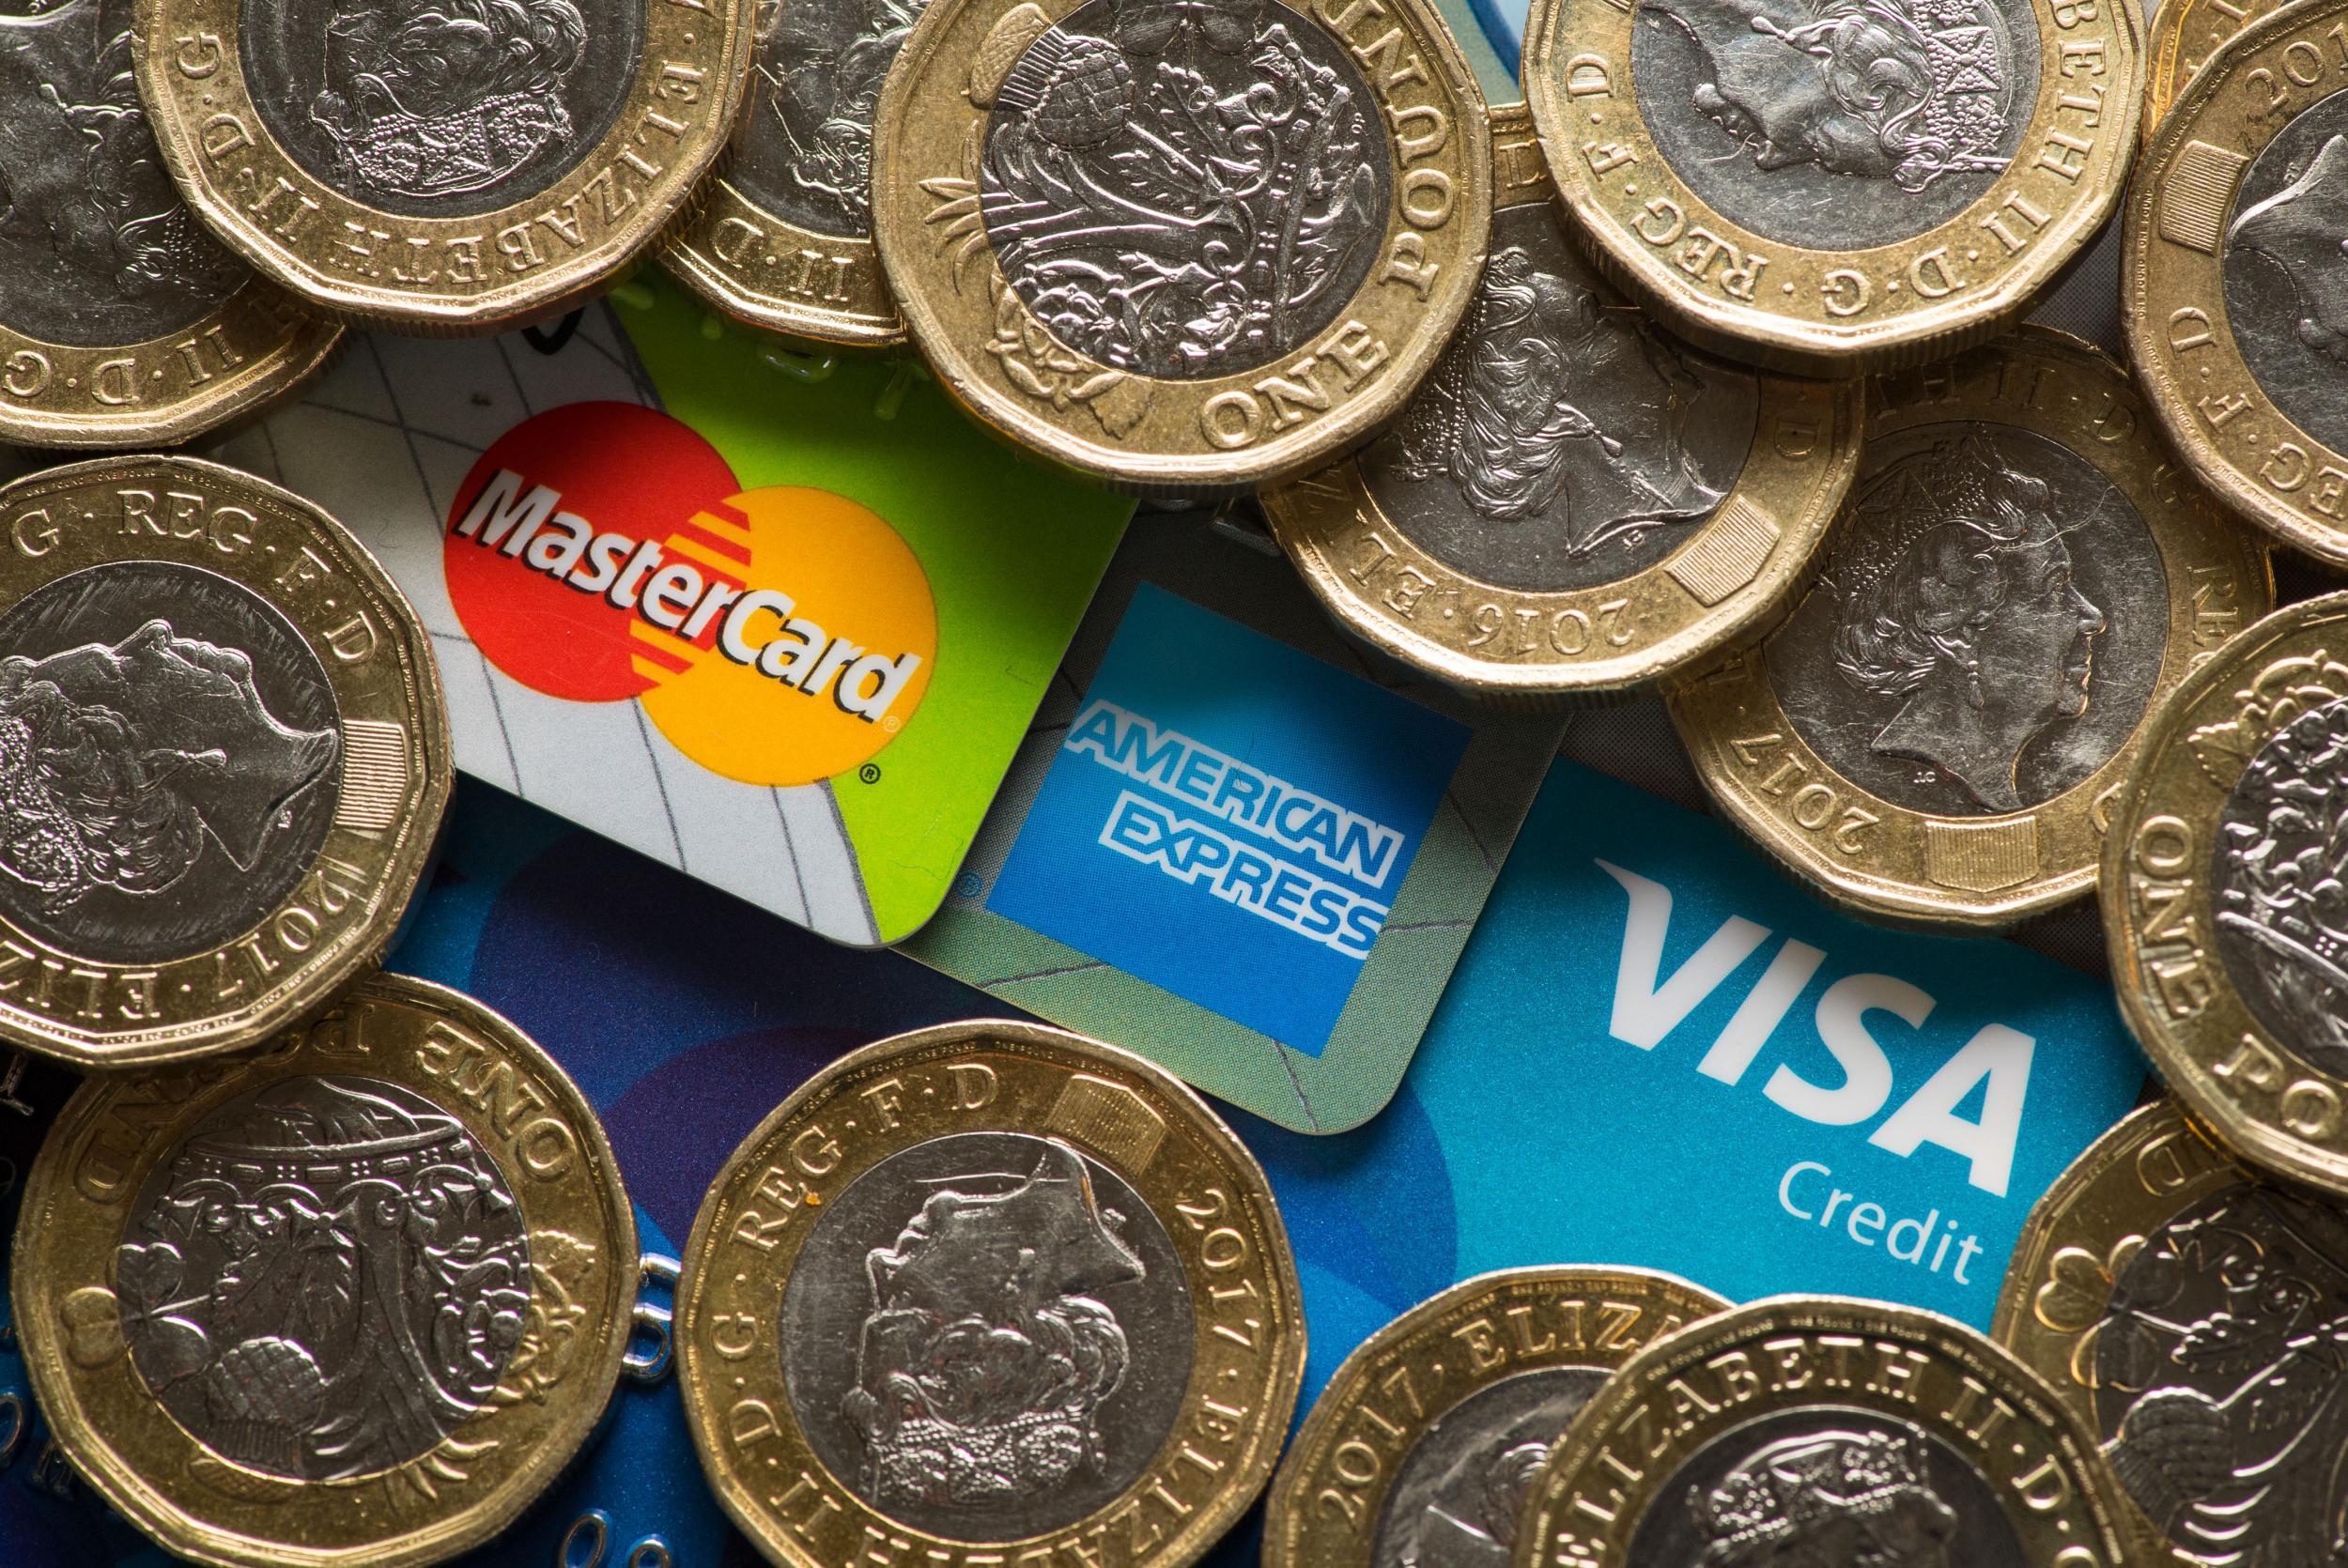 Samsclub Credit Login >> Digital bank Revolut launches 'disposable' credit card ...